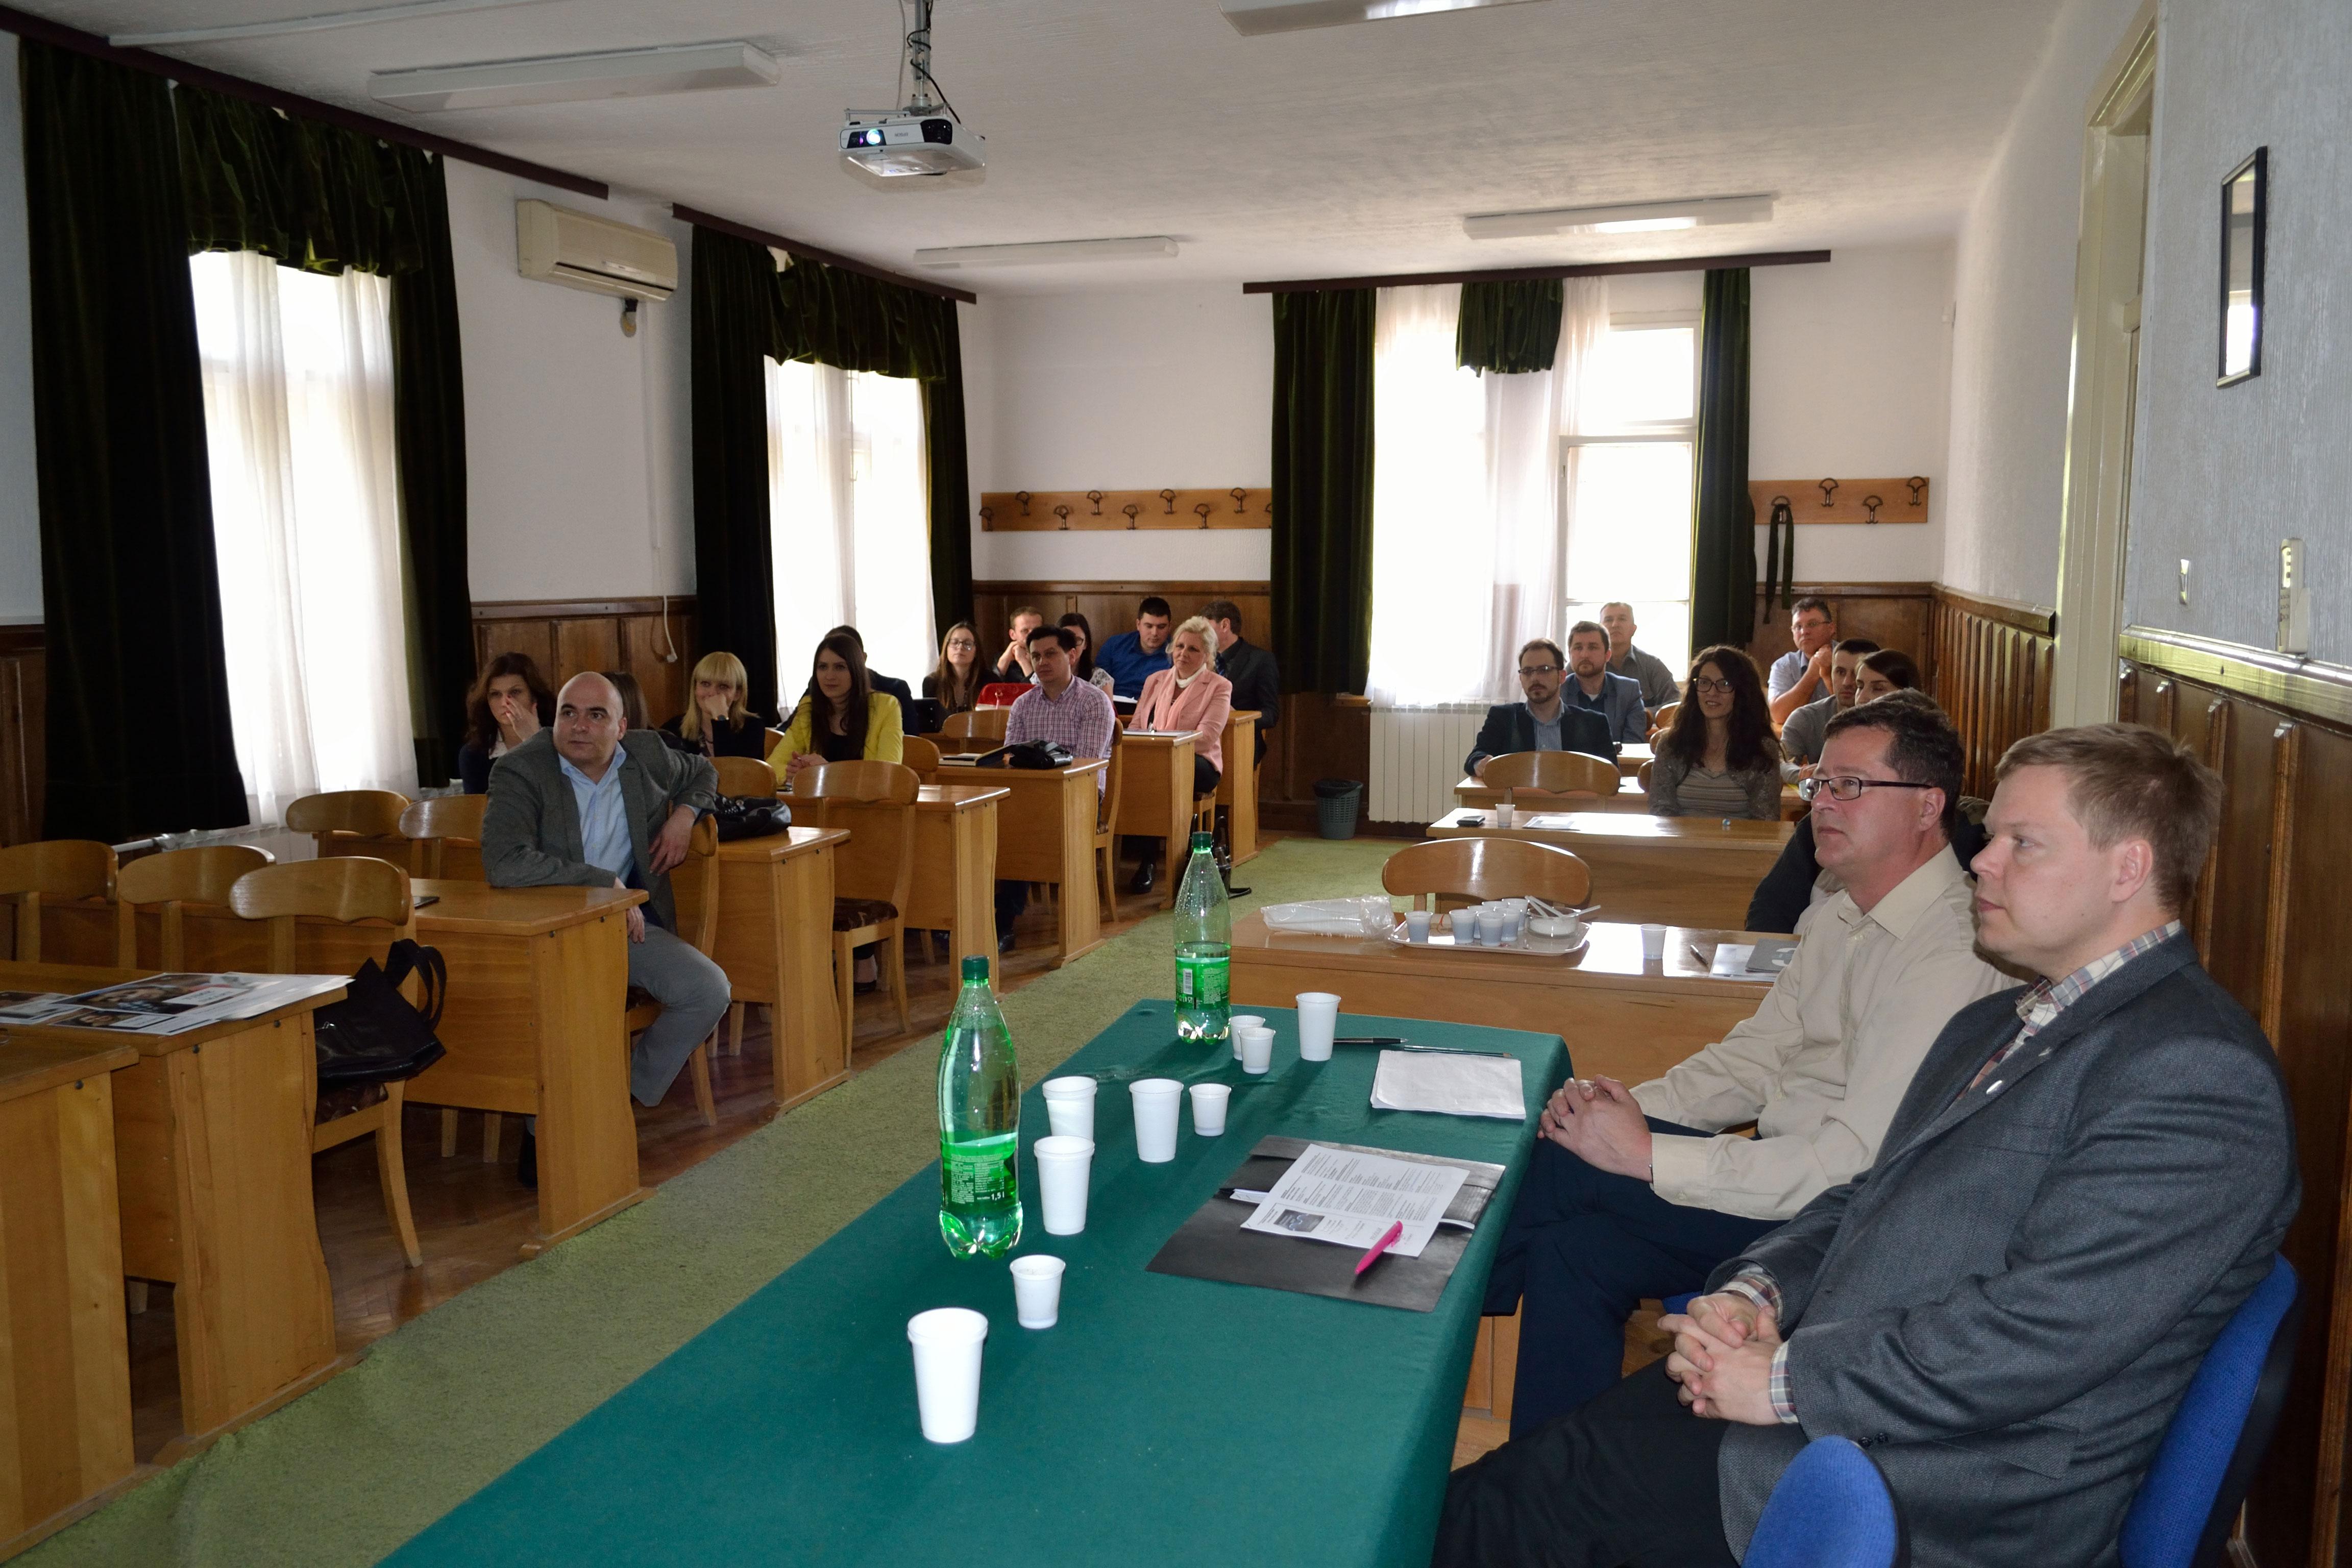 Istrazivacki_seminar_11